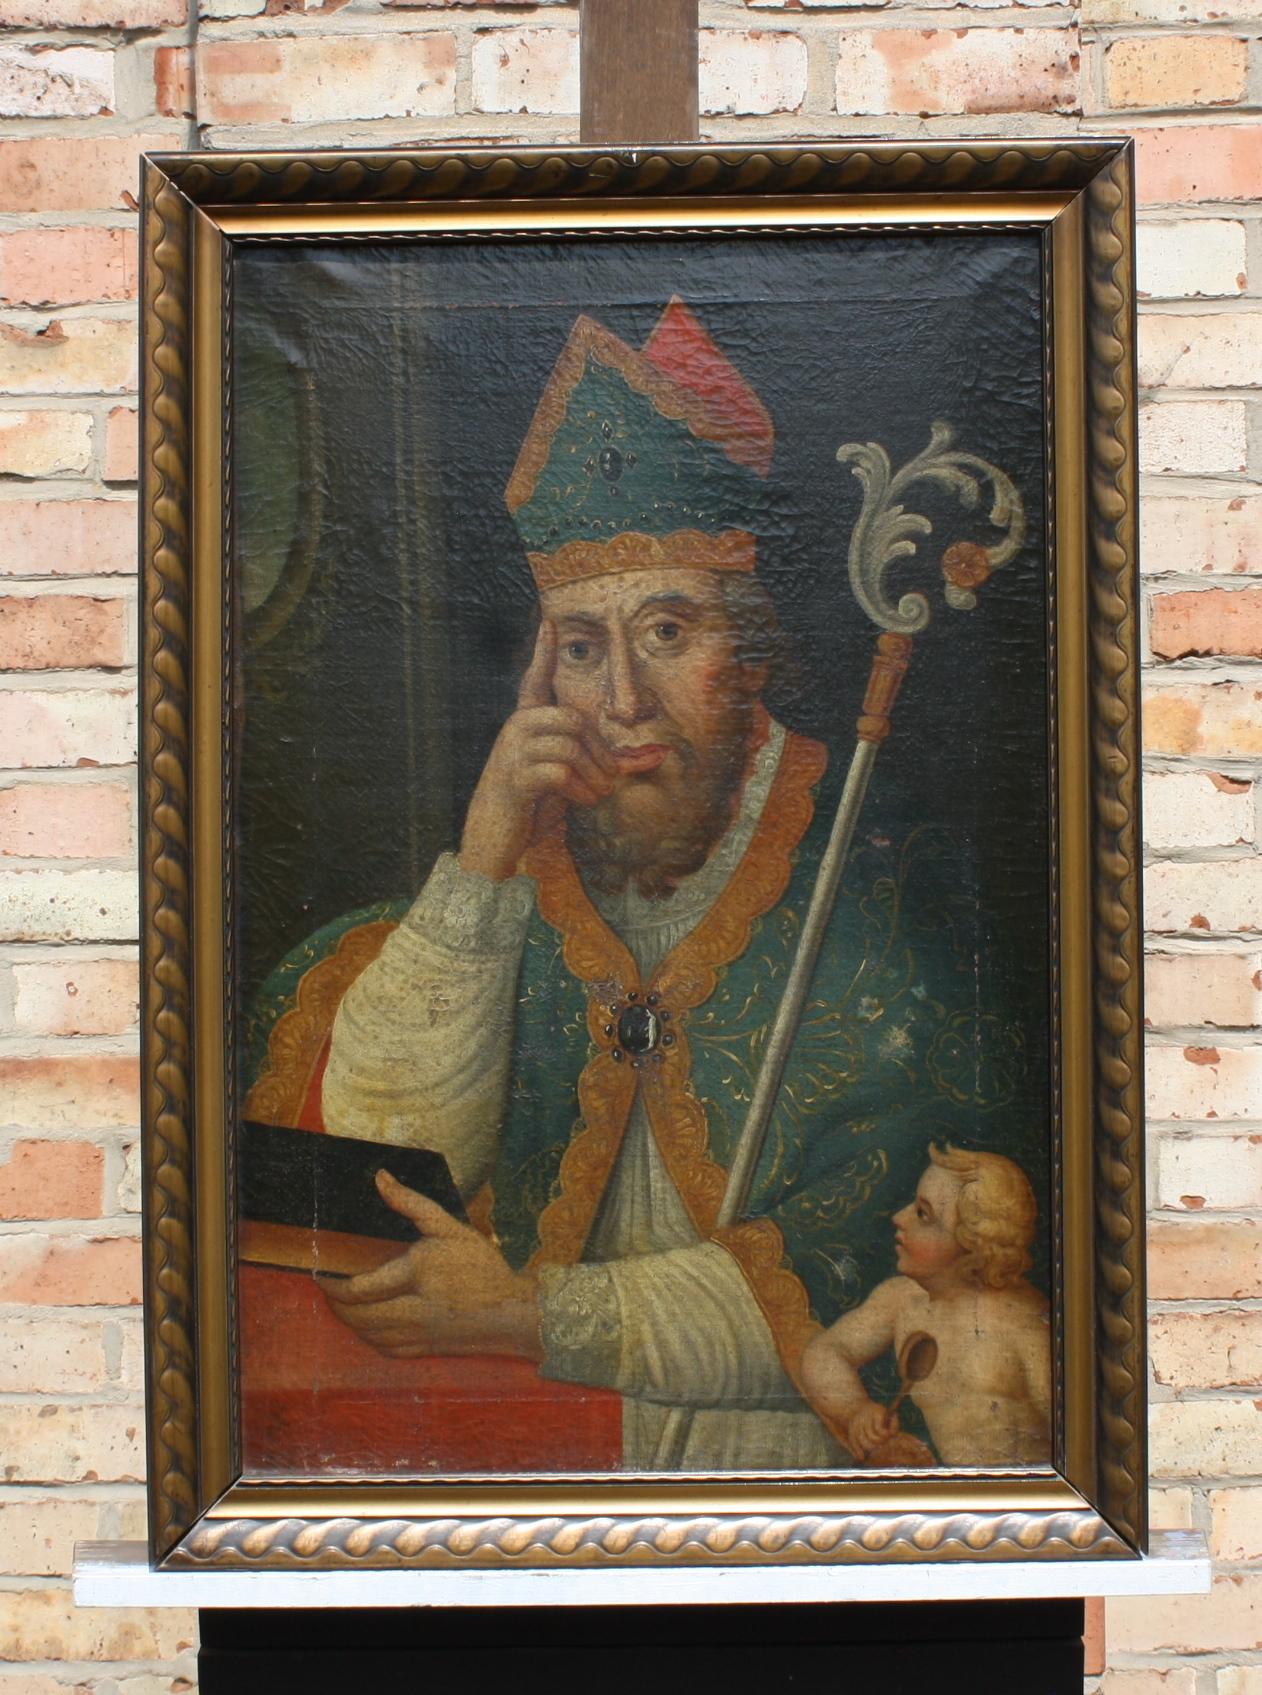 Heiliger Augustinus, wohl 17. Jahrhundert